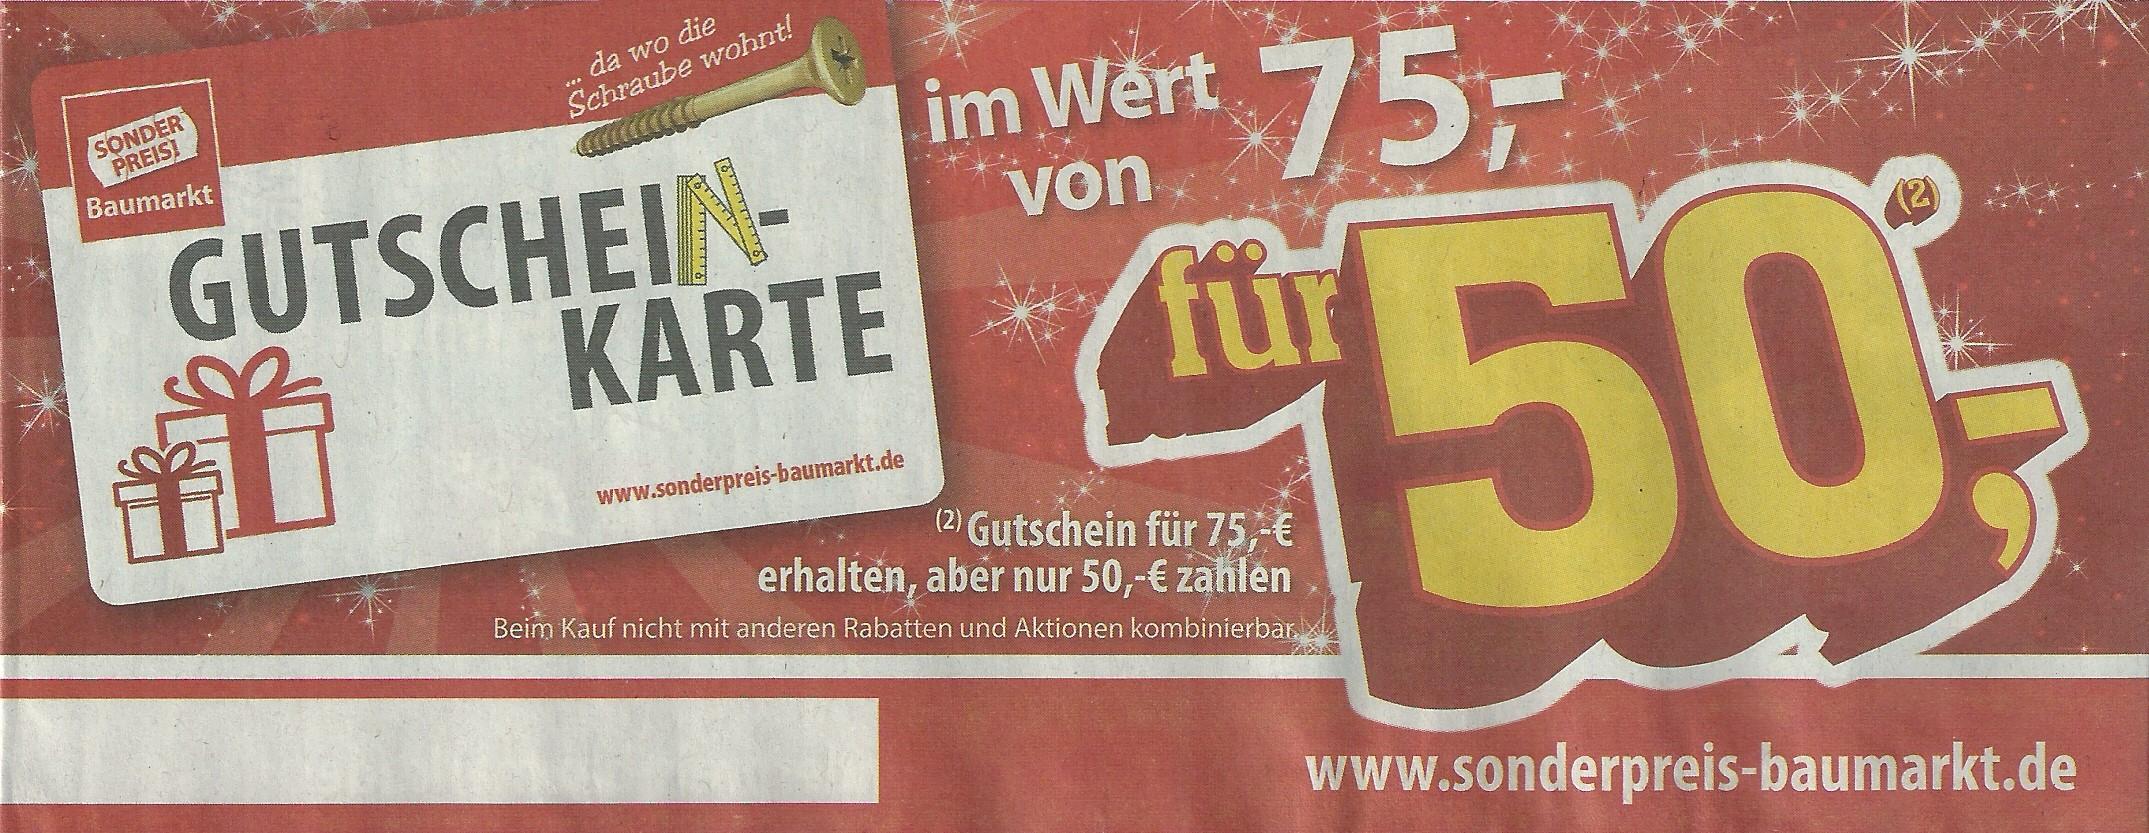 75€ Gutscheinkarte für 50€ Sonderpreisbaumarkt